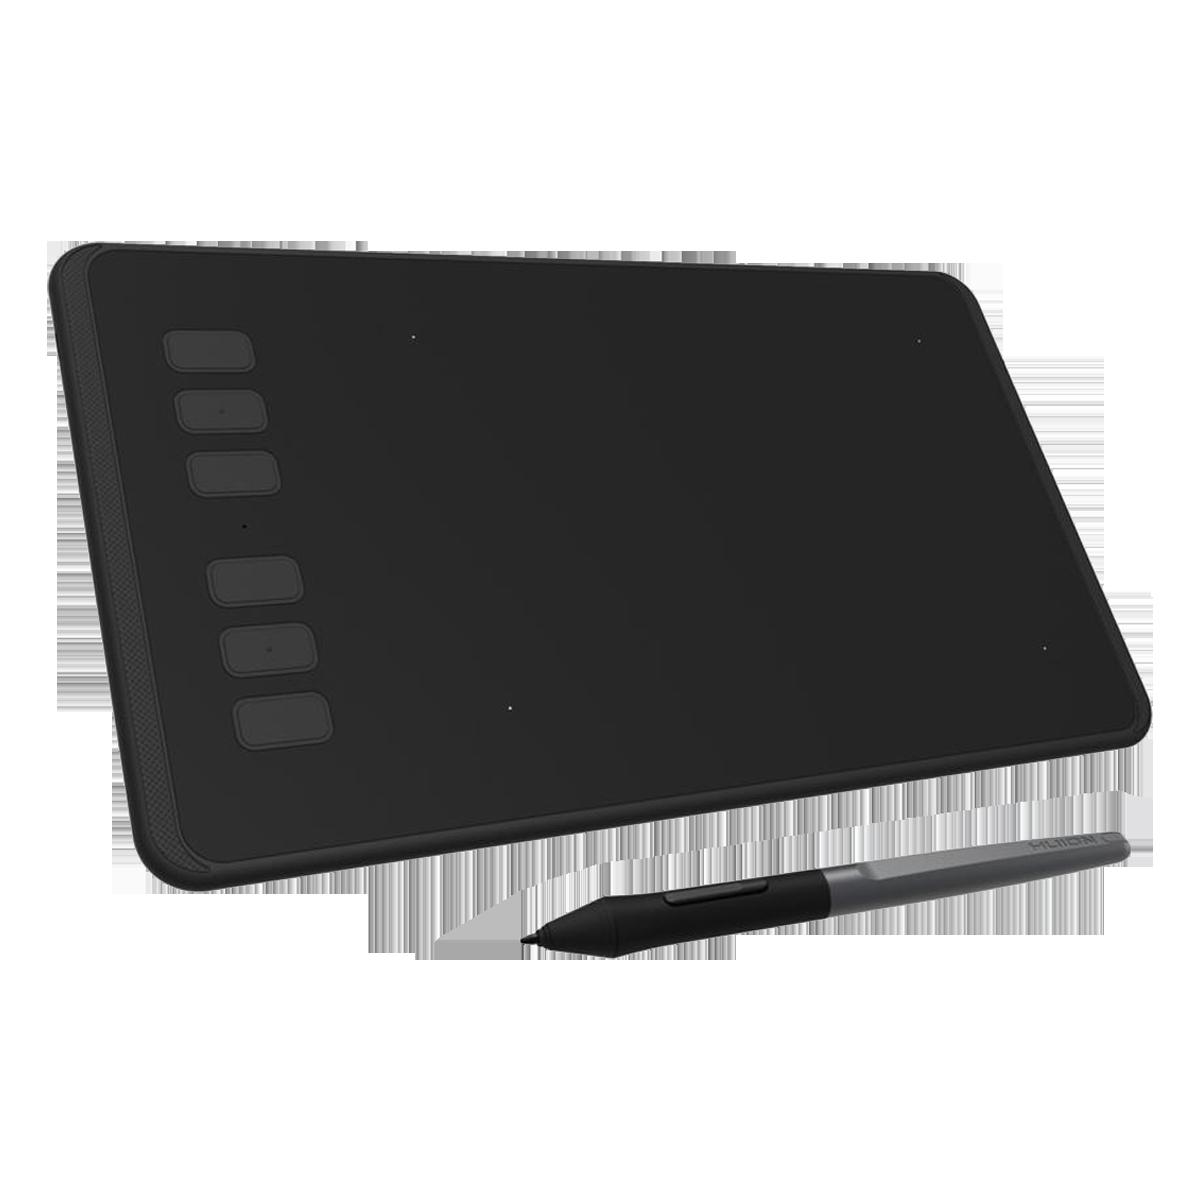 Grafiskā planšete HUION Inspiroy H640P bez displeja. Māksliniekiem, dizaineriem, arhitektiem un skolēniem.